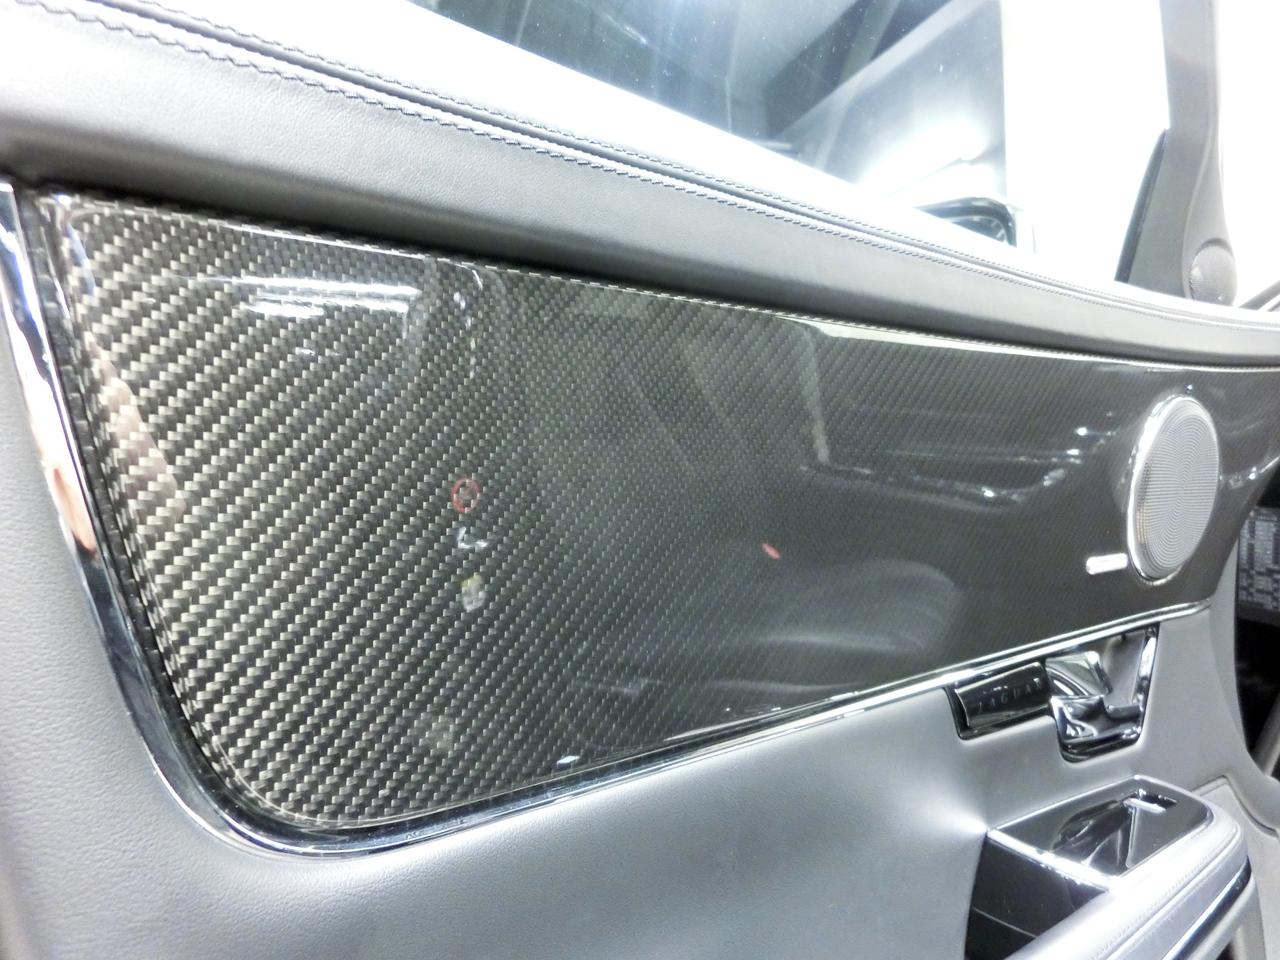 ジャガーXJプレミアムラグジュアリーアルティメットブラック x351中古車インテリアパネル